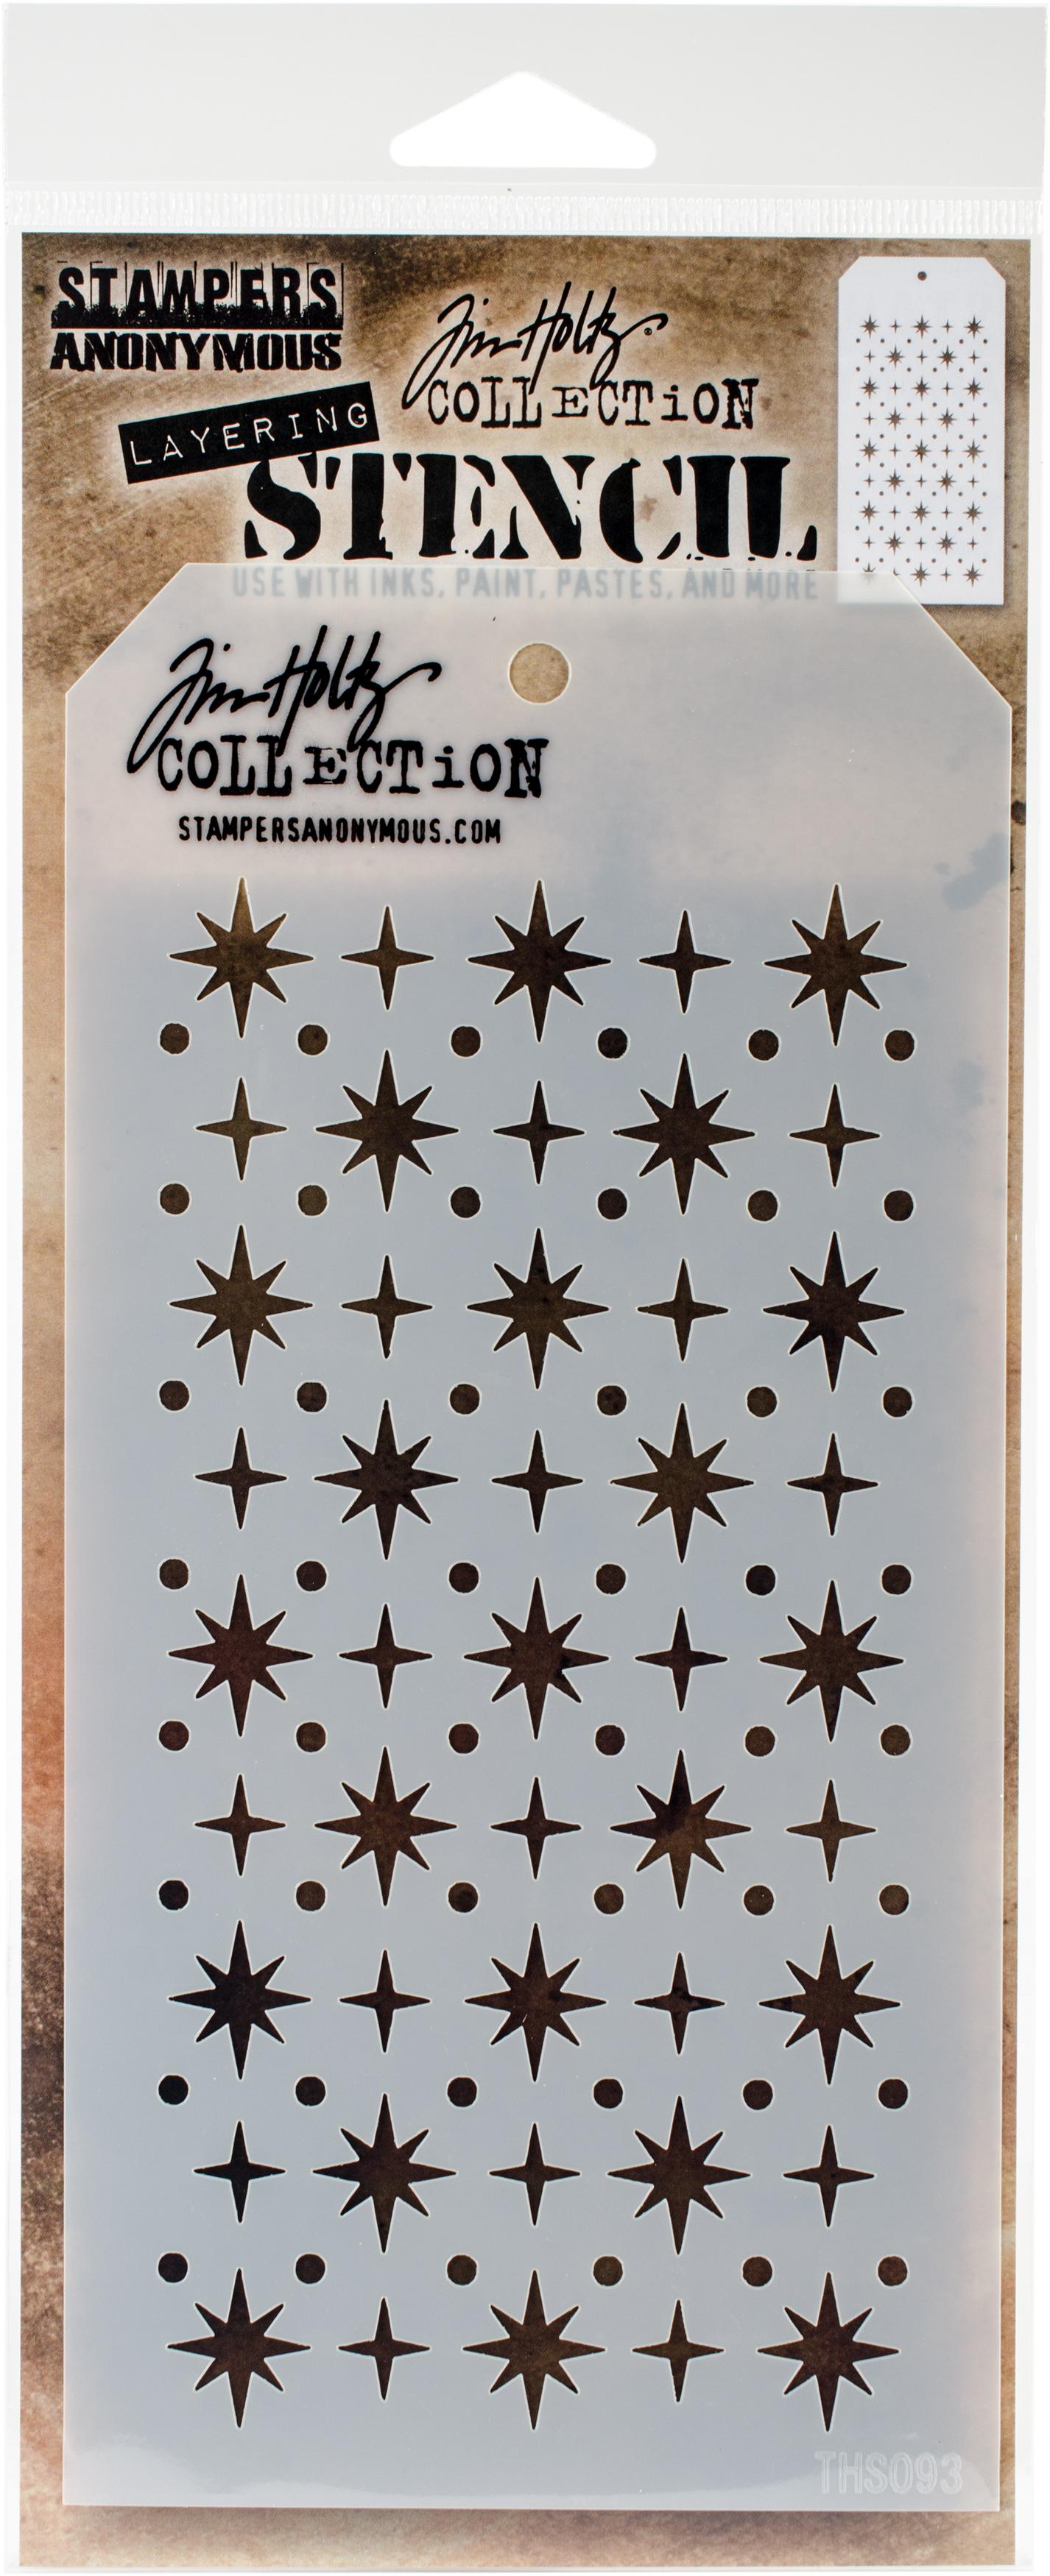 Tim Holtz Layered Stencil 4.125X8.5-Starry